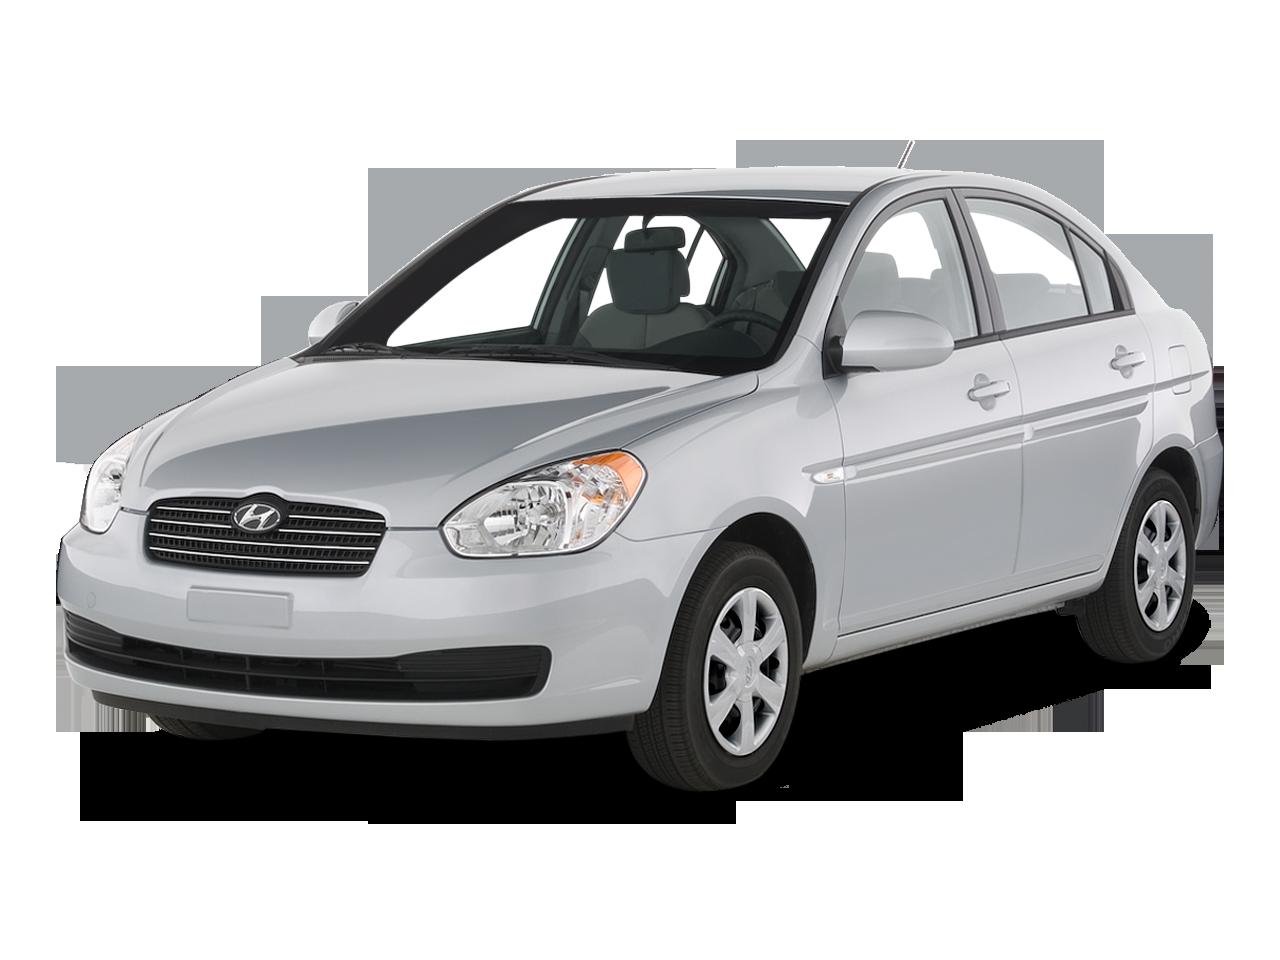 Hyundai Accent diesel 1.5 cc